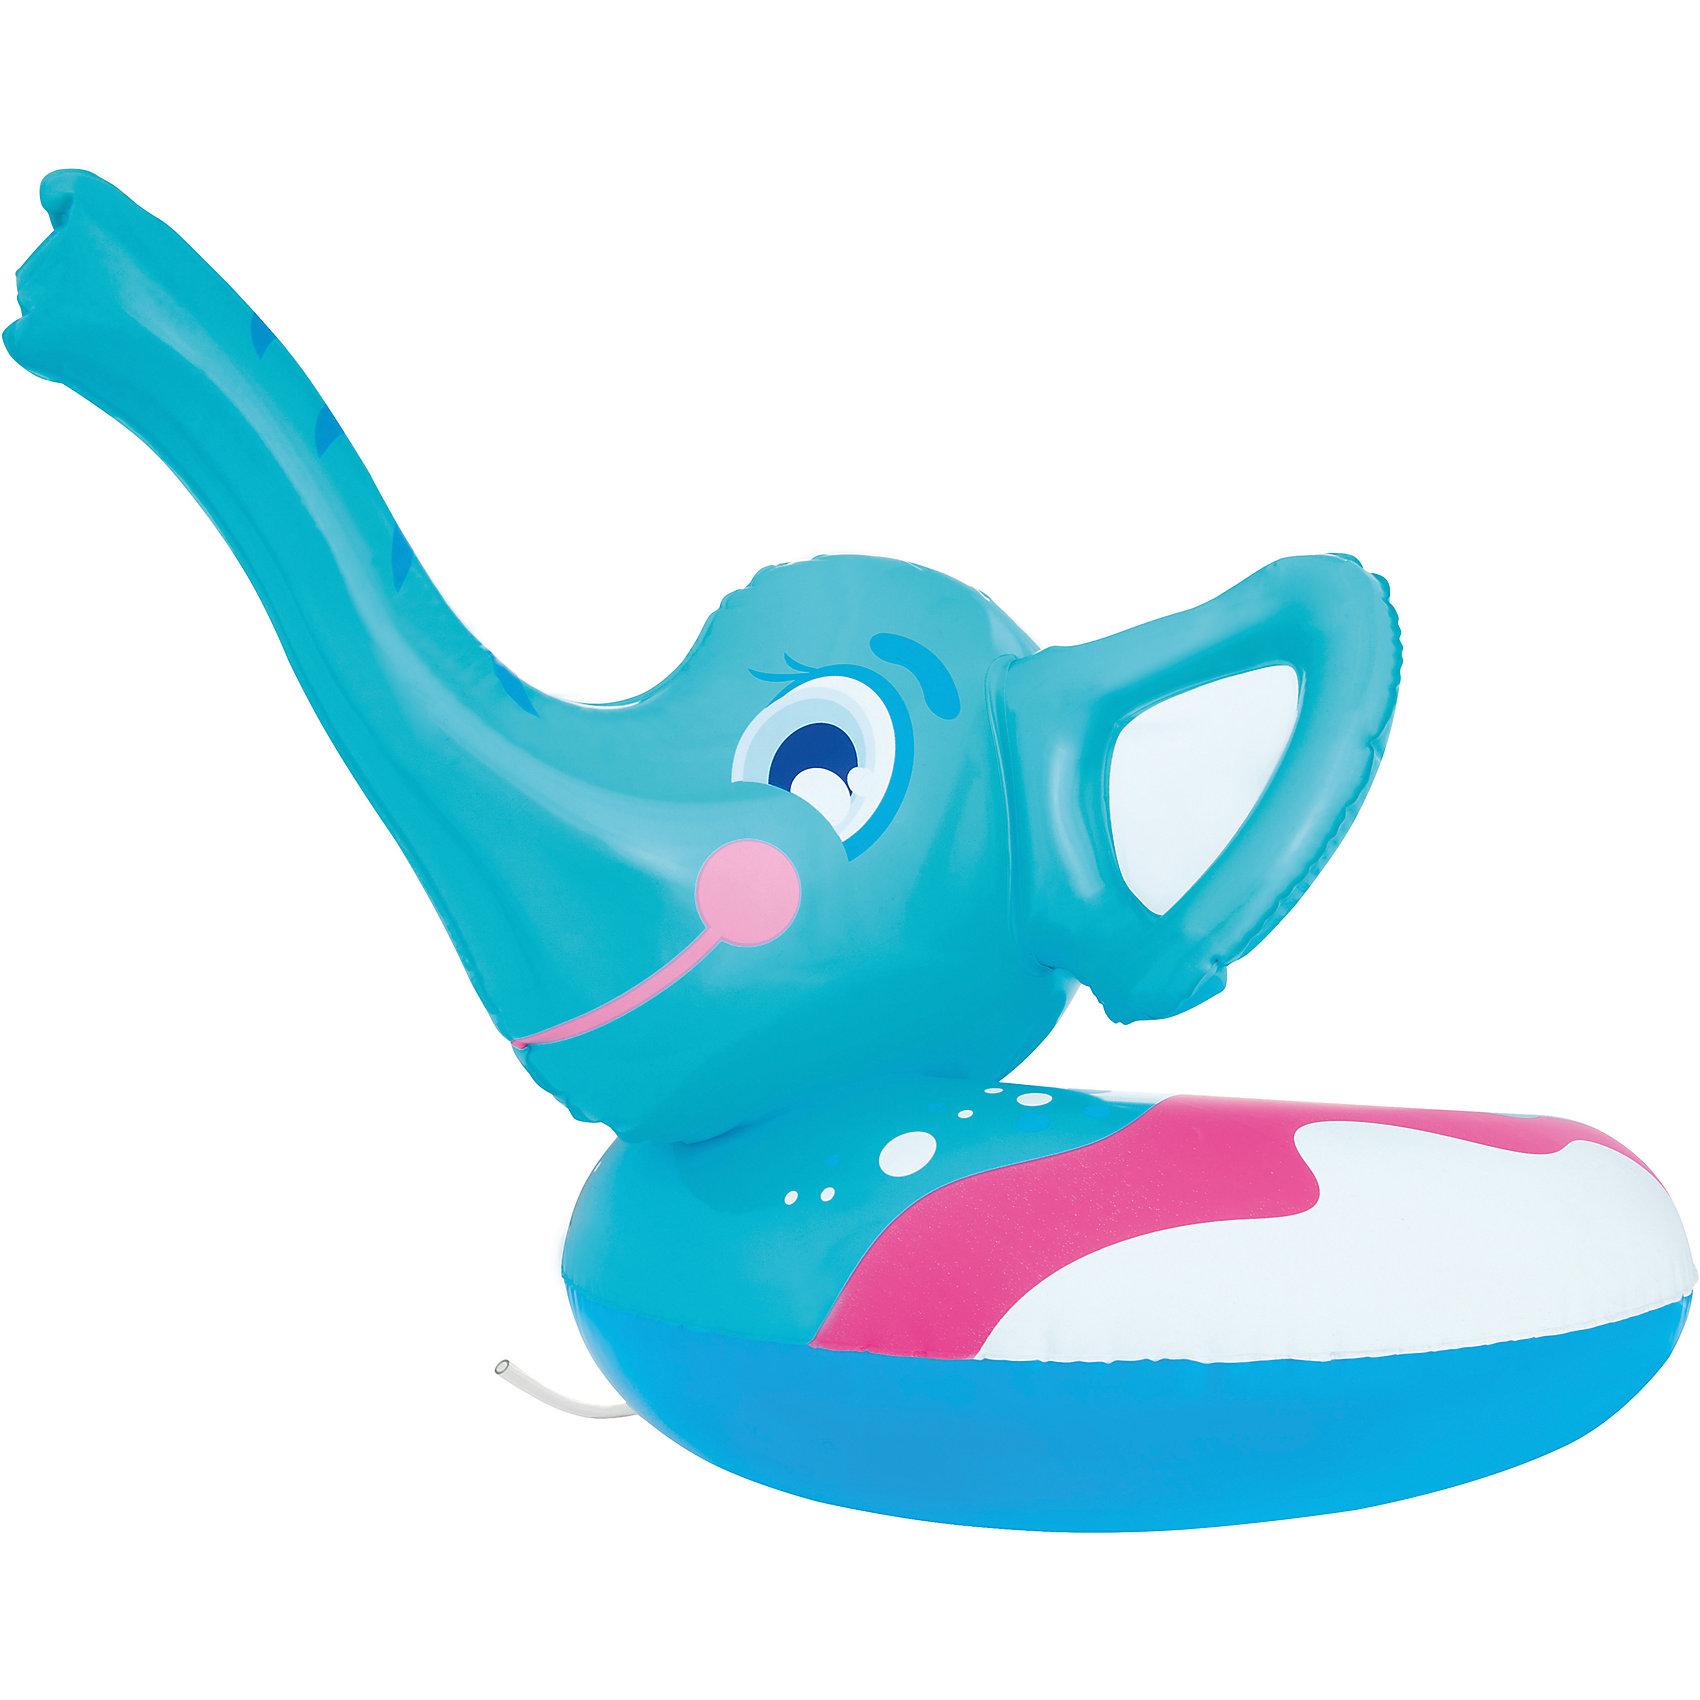 Круг для плавания Слоник с брызгалкой, Bestway, голубойКруги и нарукавники<br>Круг для плавания Слоник с брызгалкой, Bestway (Бествей), голубой<br><br>Характеристики:<br><br>• оснащен освежающей брызгалкой<br>• красивый дизайн<br>• цвет: голубой<br>• материал: ПВХ<br>• размер: 69х61 см<br>• размер упаковки: 20х5х5 см<br>• вес: 337 грамм<br><br>Плавать с кругом в виде слоника очень весело. А когда слоник начнет брызгать водой из своего хобота, ребенок точно будет в восторге! Чтобы вода поднималась по хоботу, необходимо подключить ручной насос. Игрушка выполнена из качественных, прочных материалов. Ребенок сможет плавать в воде рядом с родителями. Размер игрушки - 69х61 сантиметр.<br><br>Круг для плавания Слоник с брызгалкой, Bestway (Бествей), голубой вы можете купить в нашем интернет-магазине.<br><br>Ширина мм: 420<br>Глубина мм: 330<br>Высота мм: 220<br>Вес г: 337<br>Возраст от месяцев: 36<br>Возраст до месяцев: 72<br>Пол: Унисекс<br>Возраст: Детский<br>SKU: 5487010